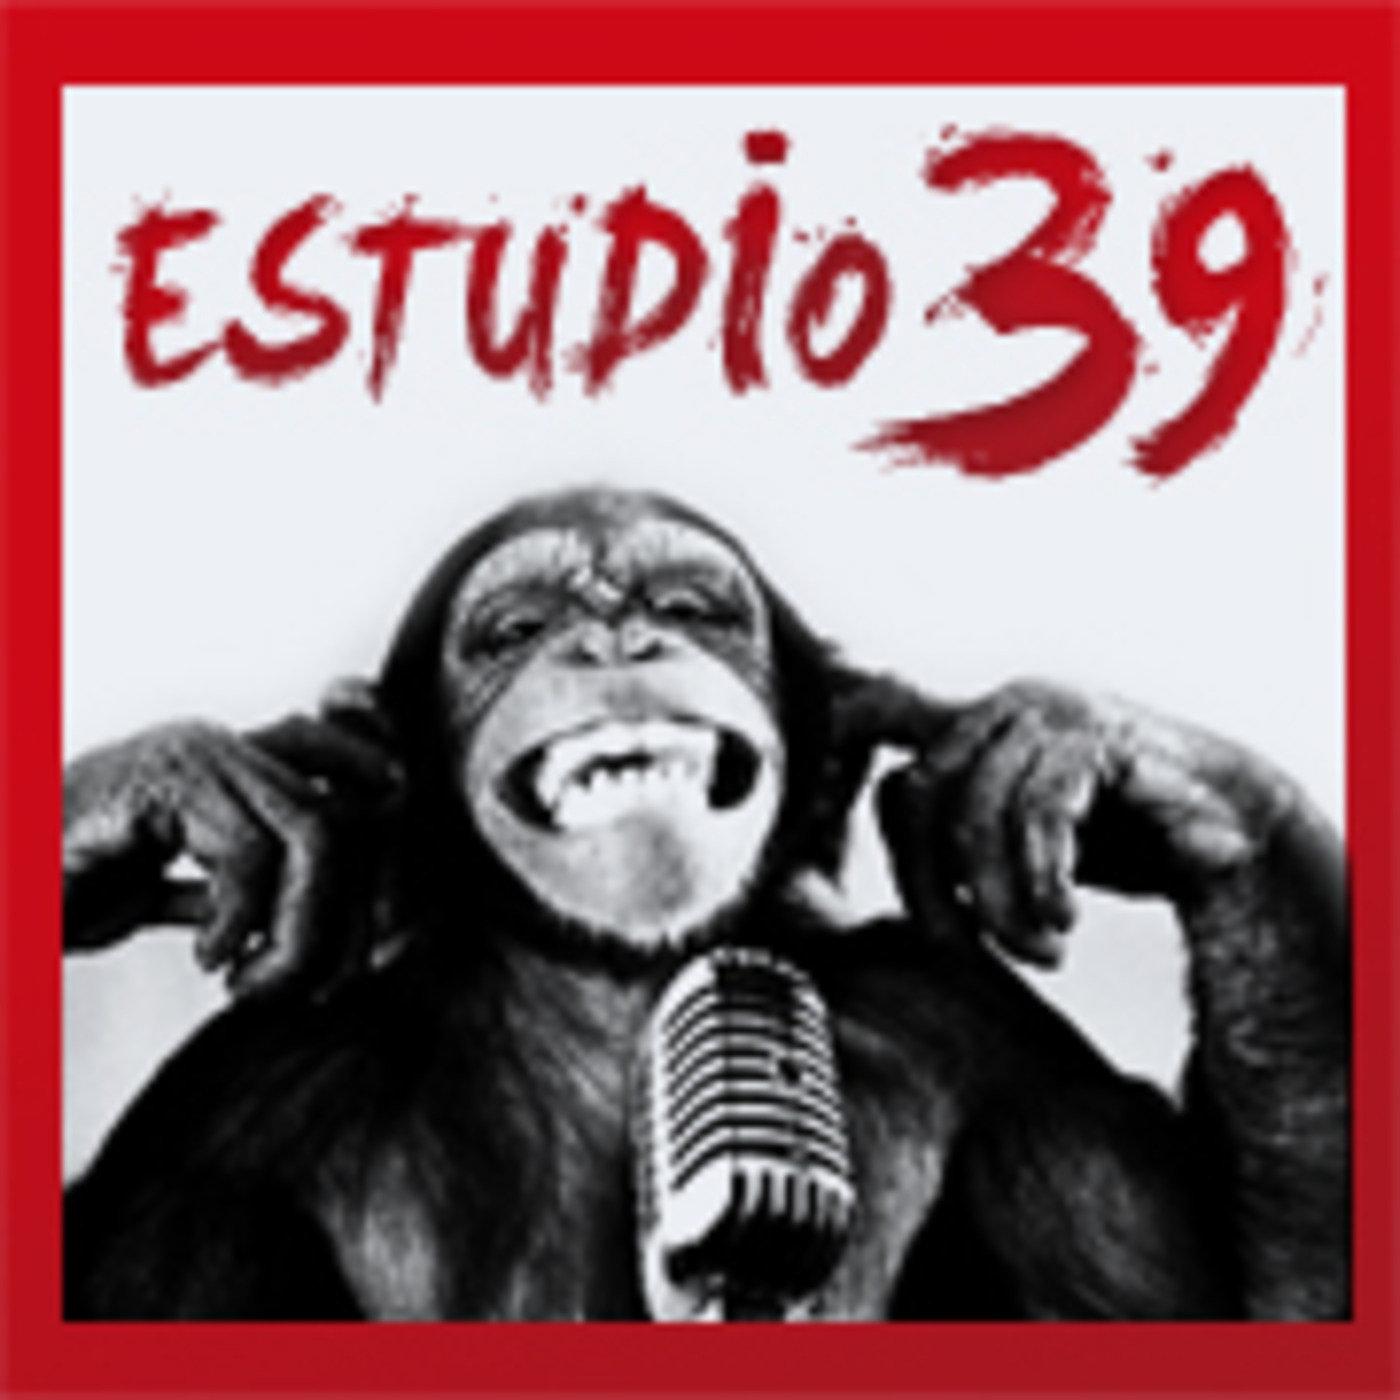 <![CDATA[Estudio 39 Radio]]>